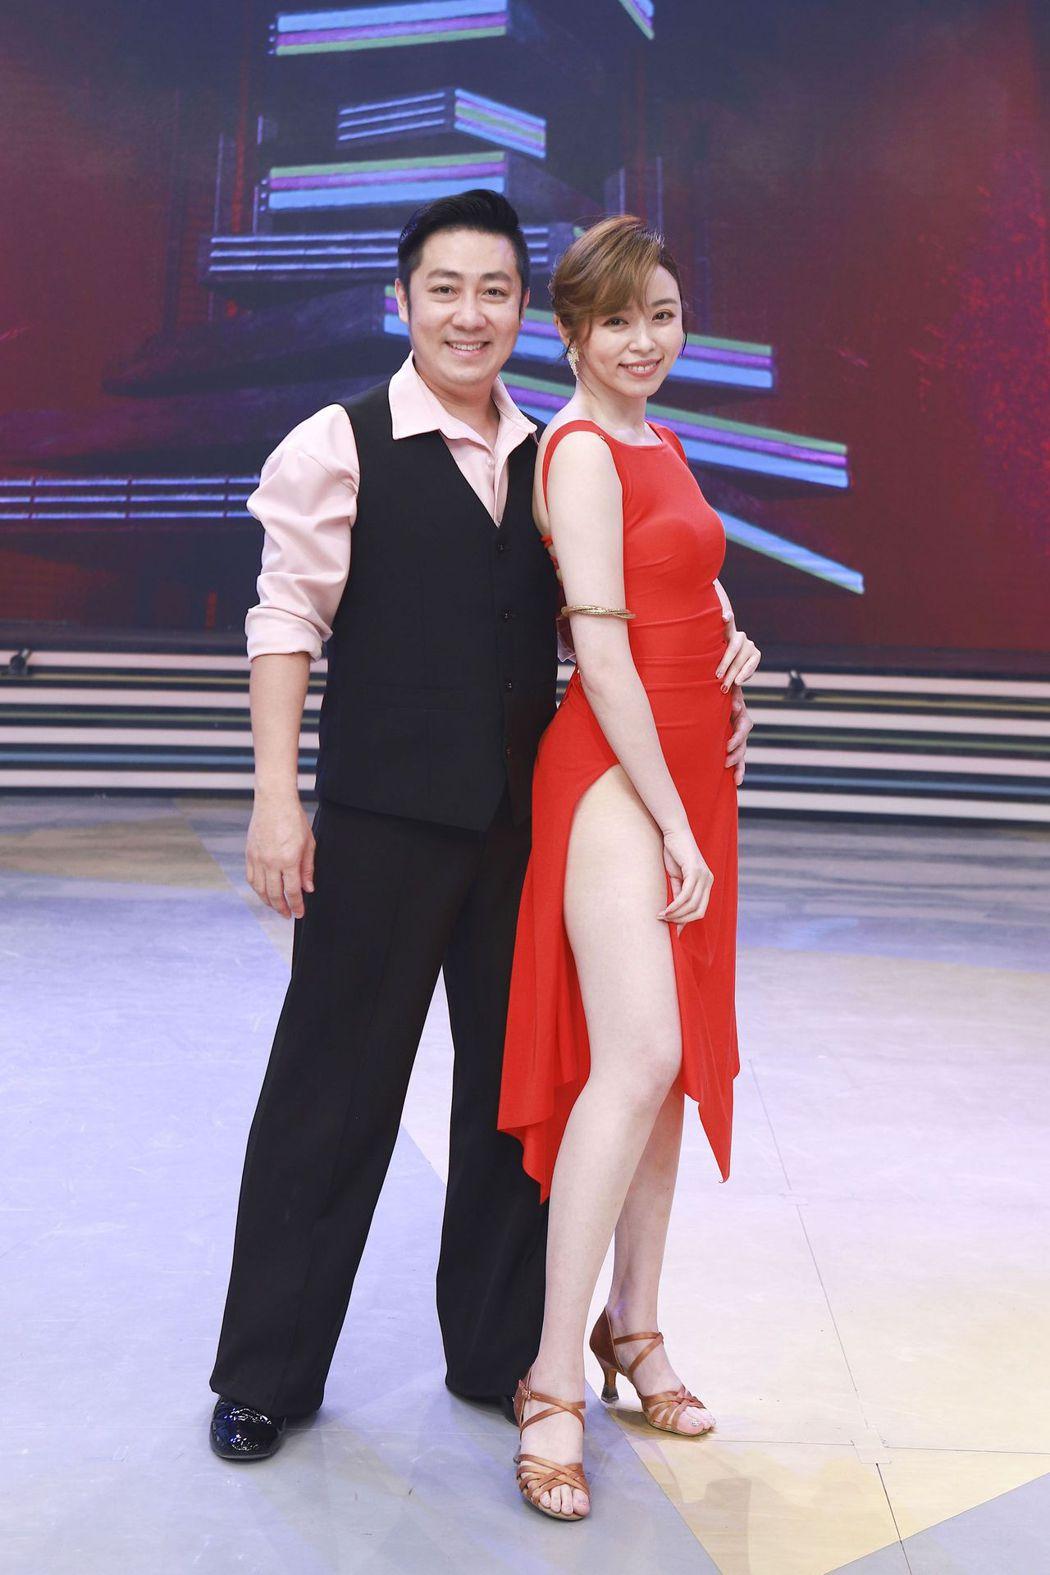 艾成和王瞳共舞。圖/民視提供